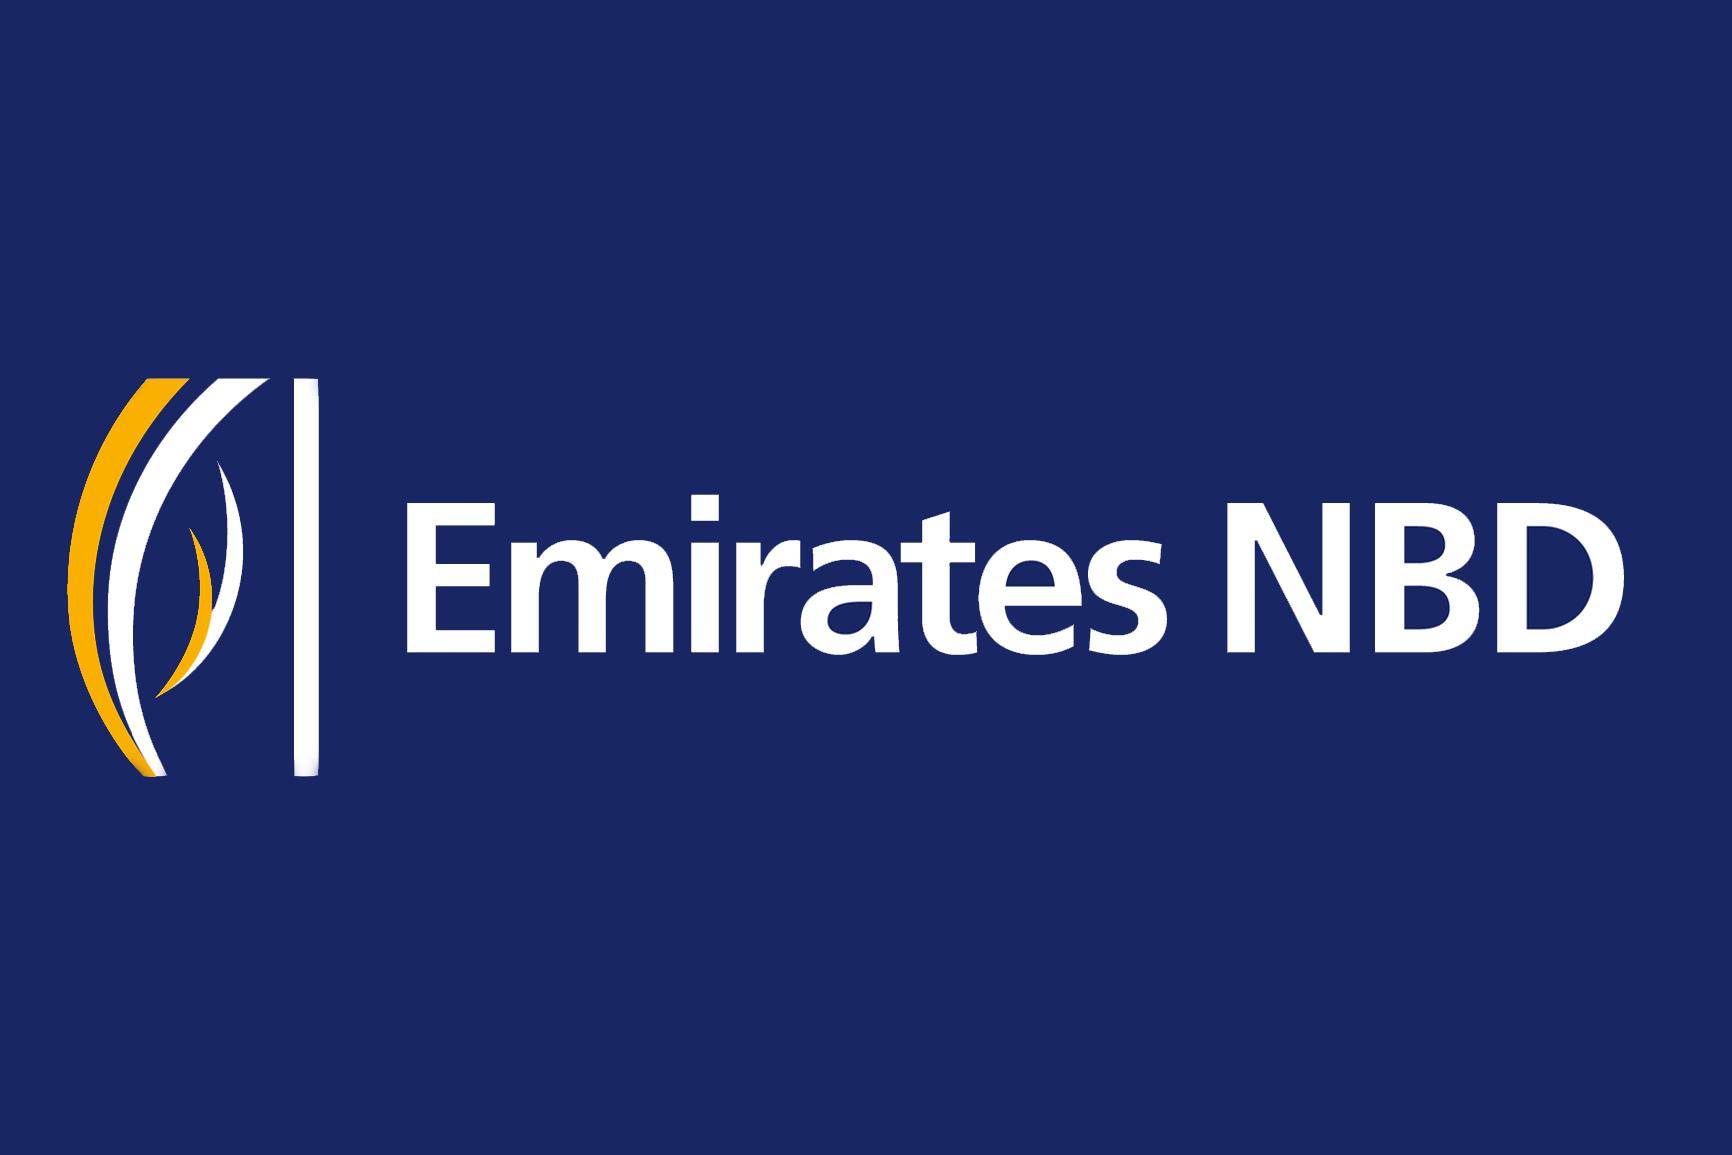 LBN Emirates NBD Bitcoin